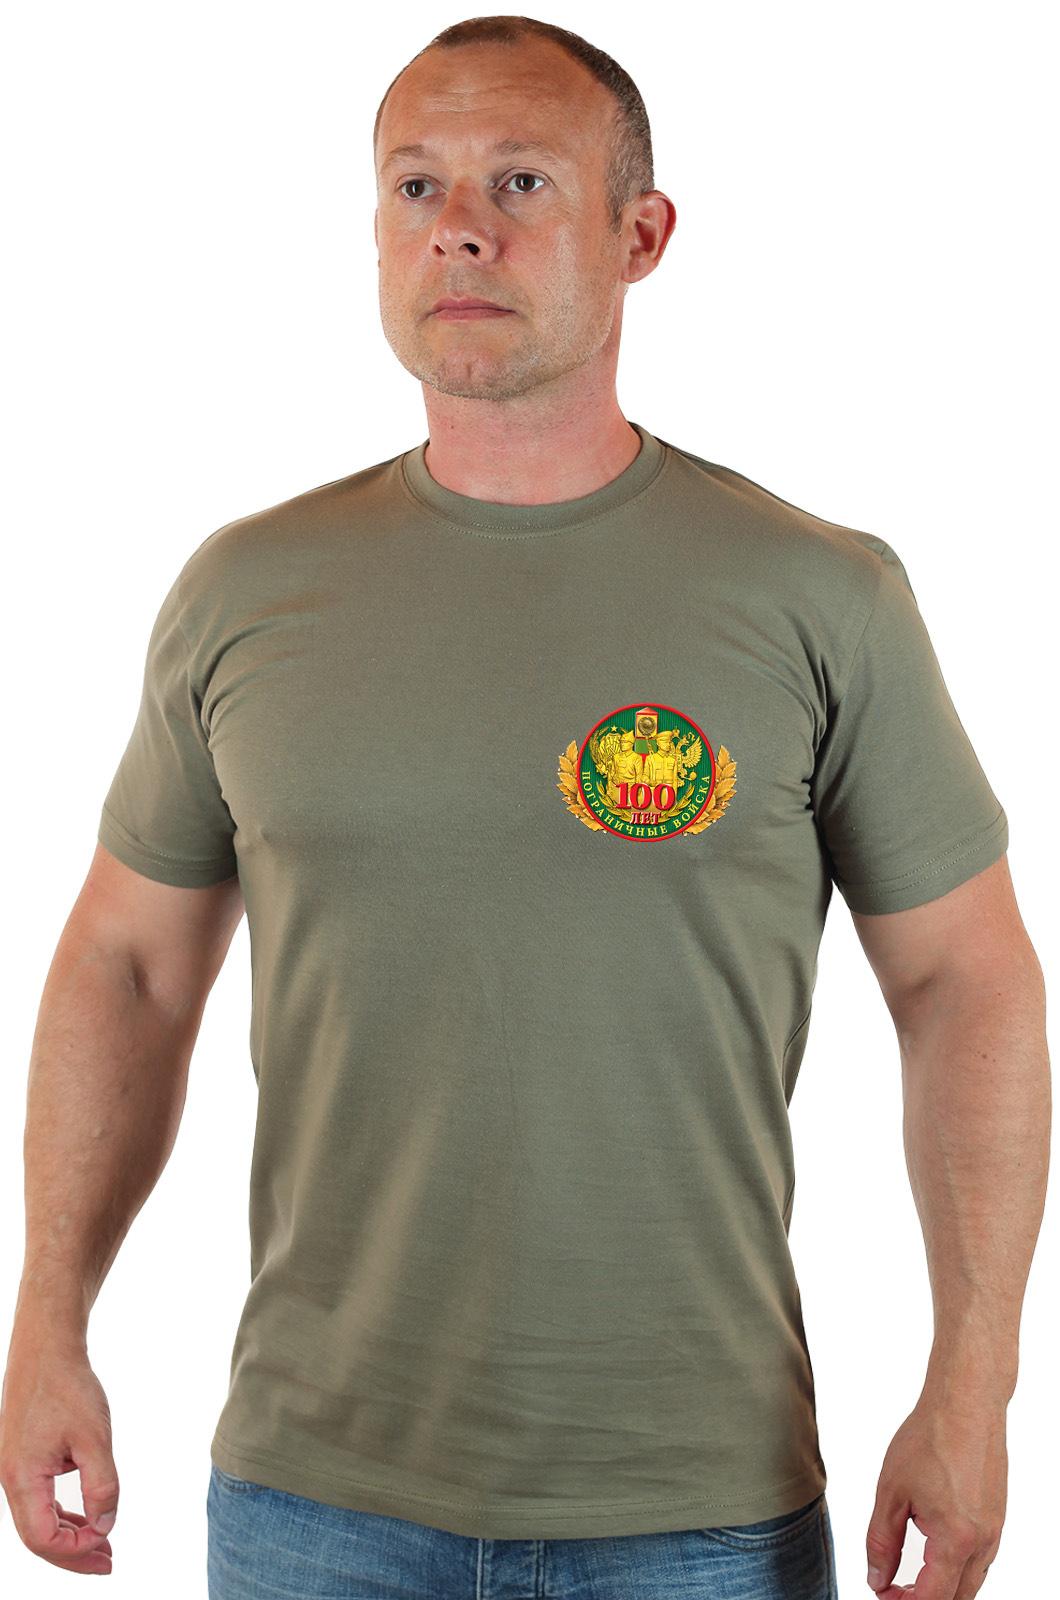 Мужская одежда с эмблемой Погранвойск: от толстовок до футболок